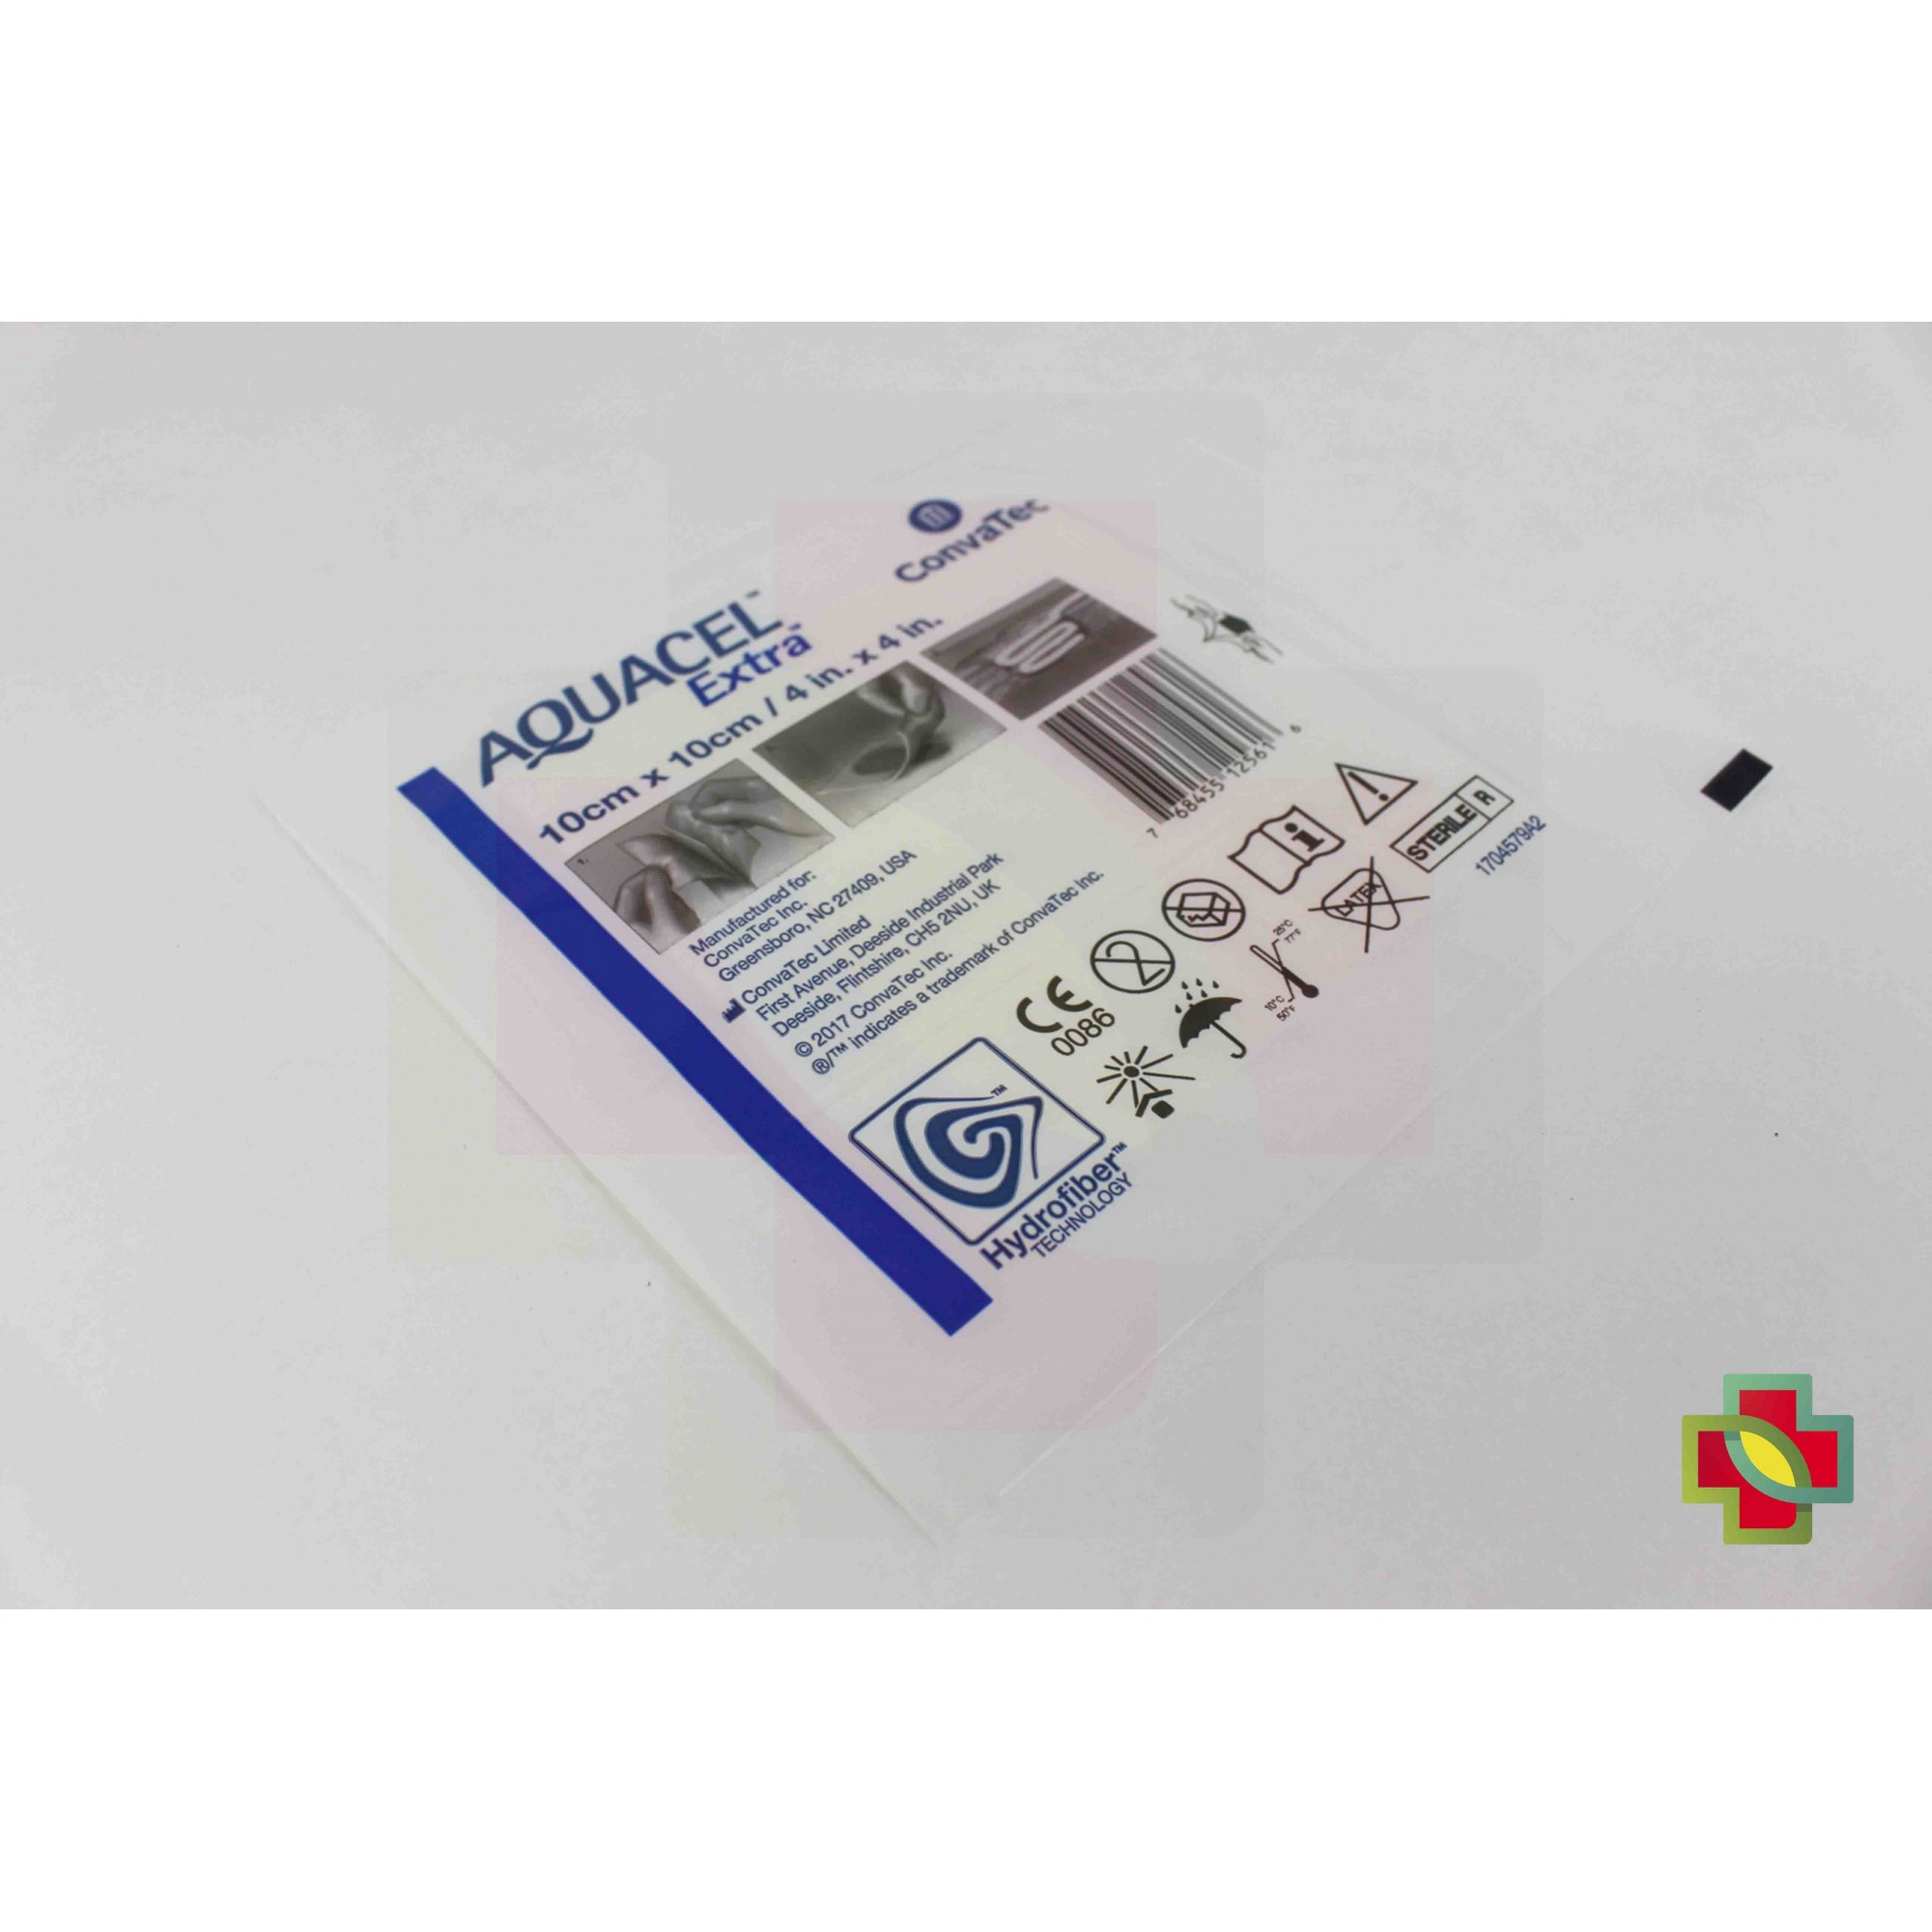 CURATIVO AQUACEL EXTRA 10 X 10 CM UND. 420672 - CONVATEC